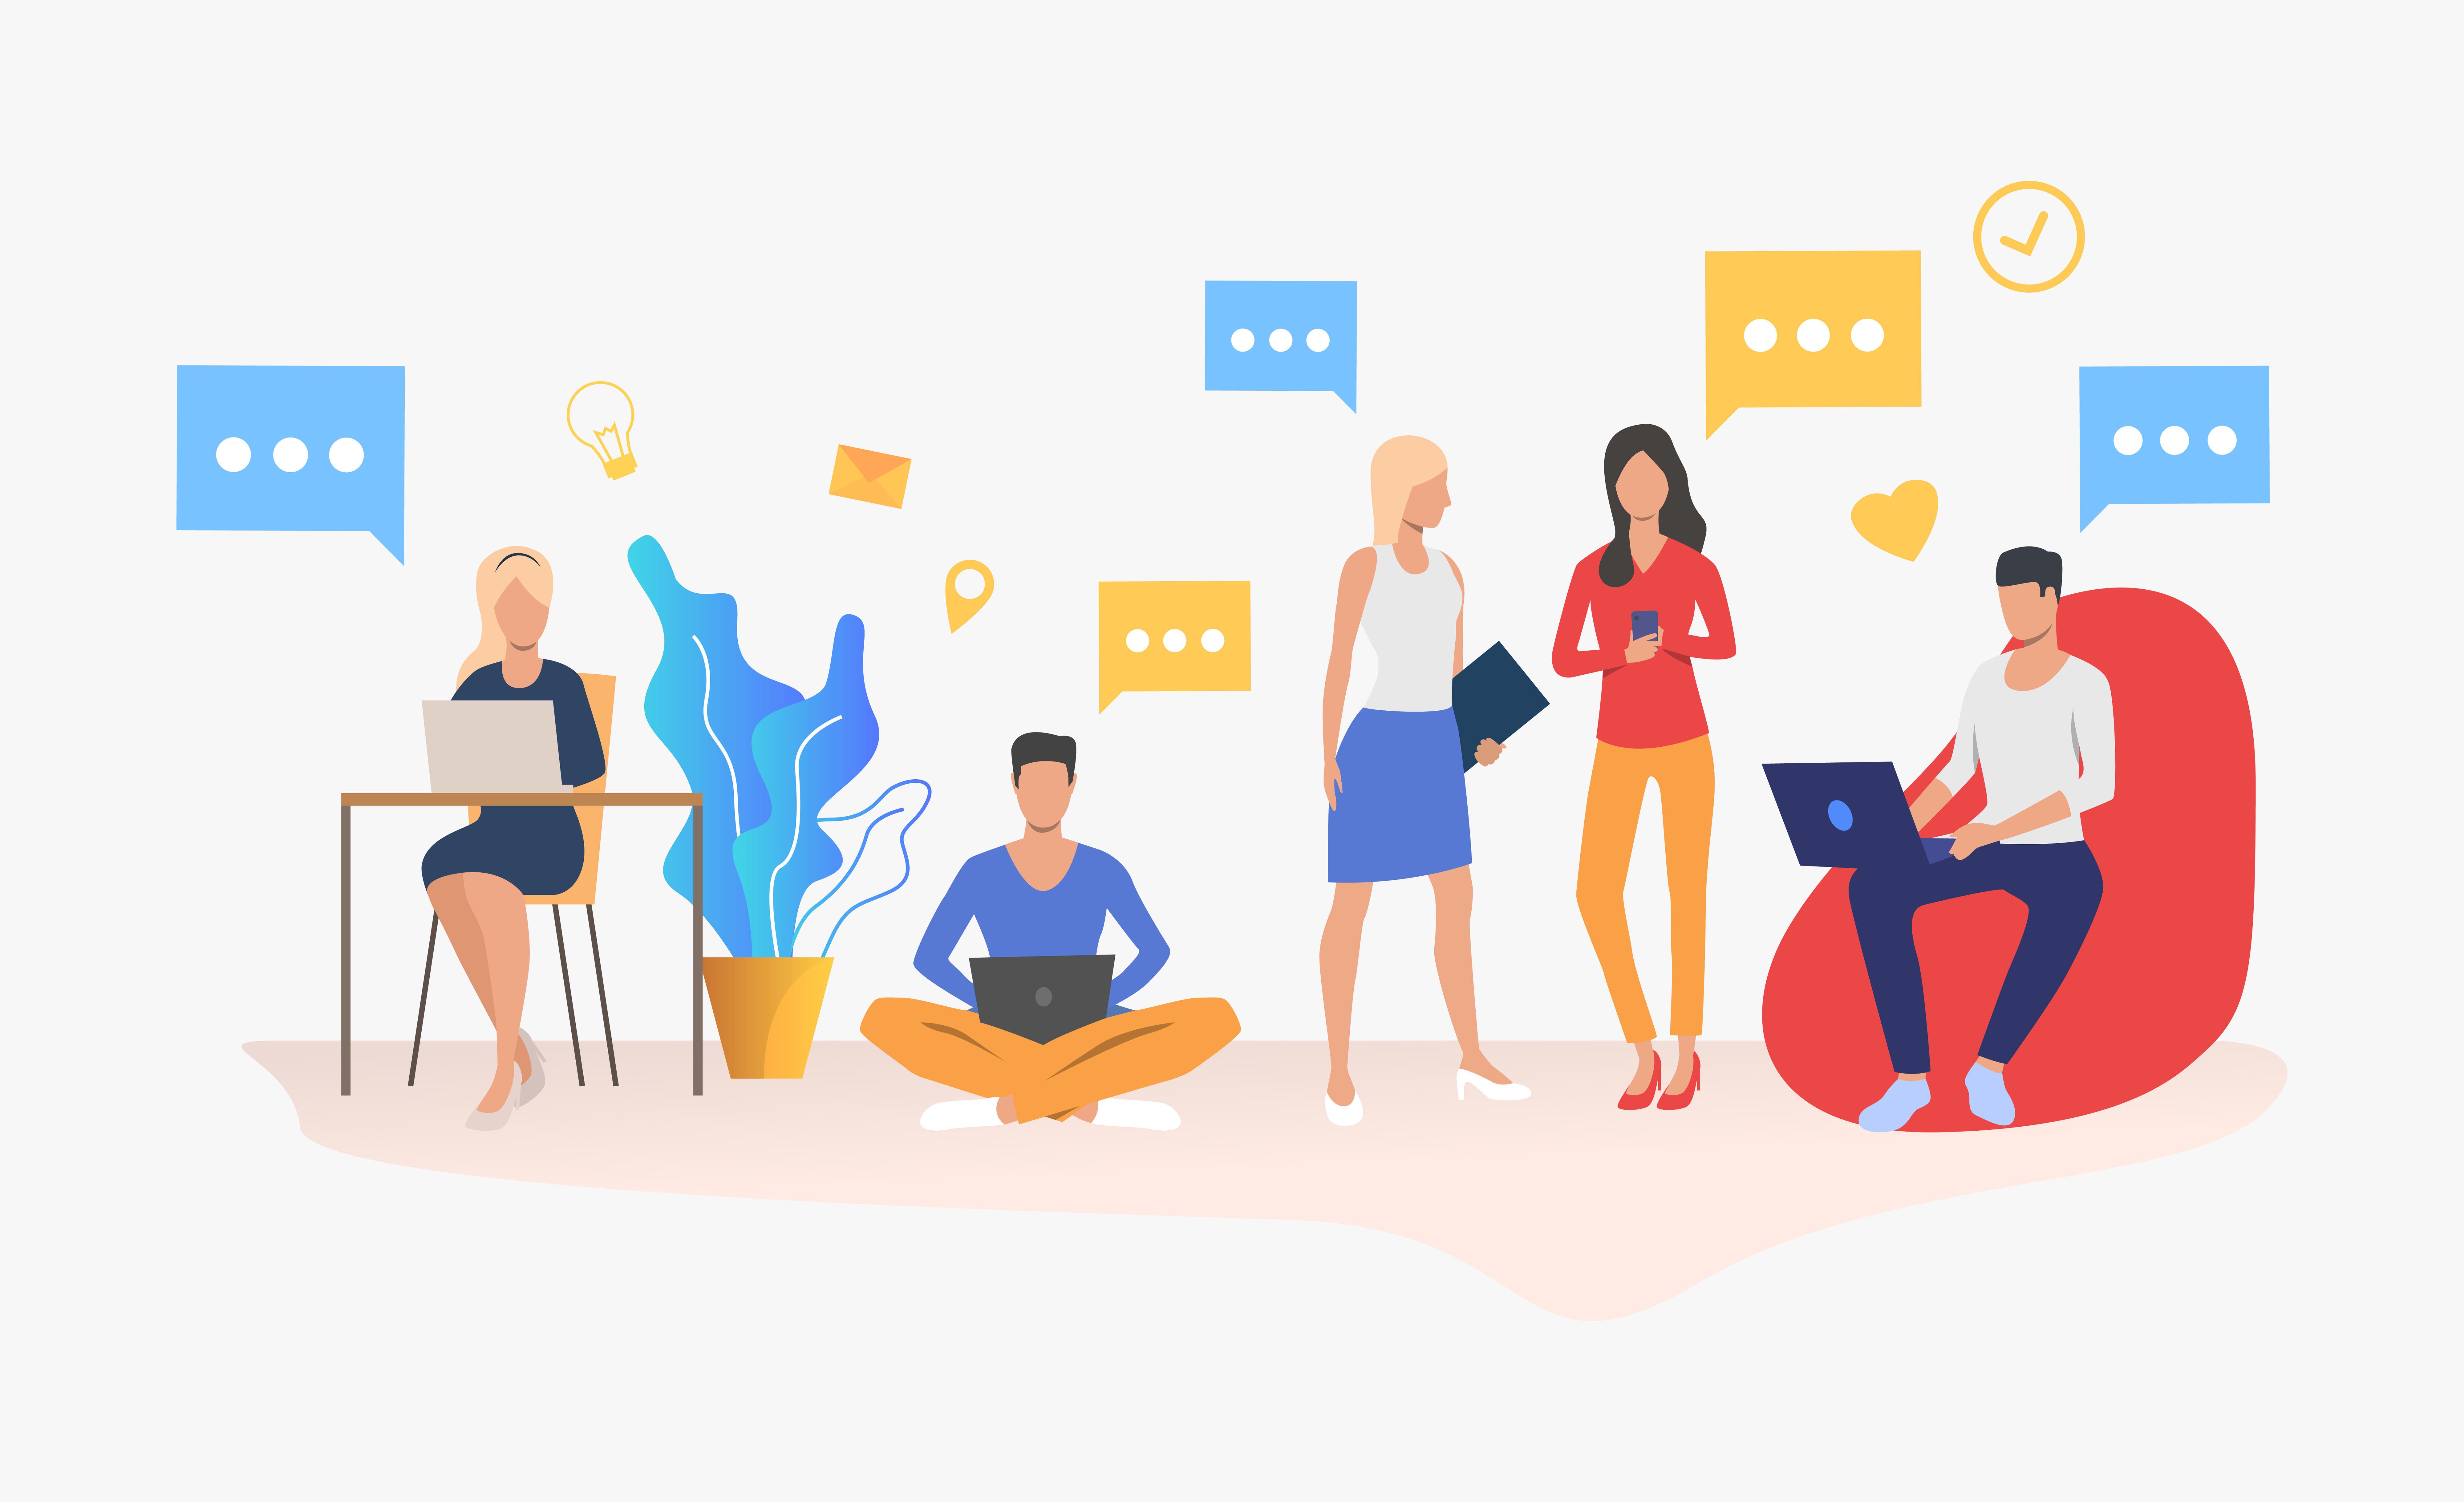 Üzleti animációk – értékesítés támogatás különleges eszközzel